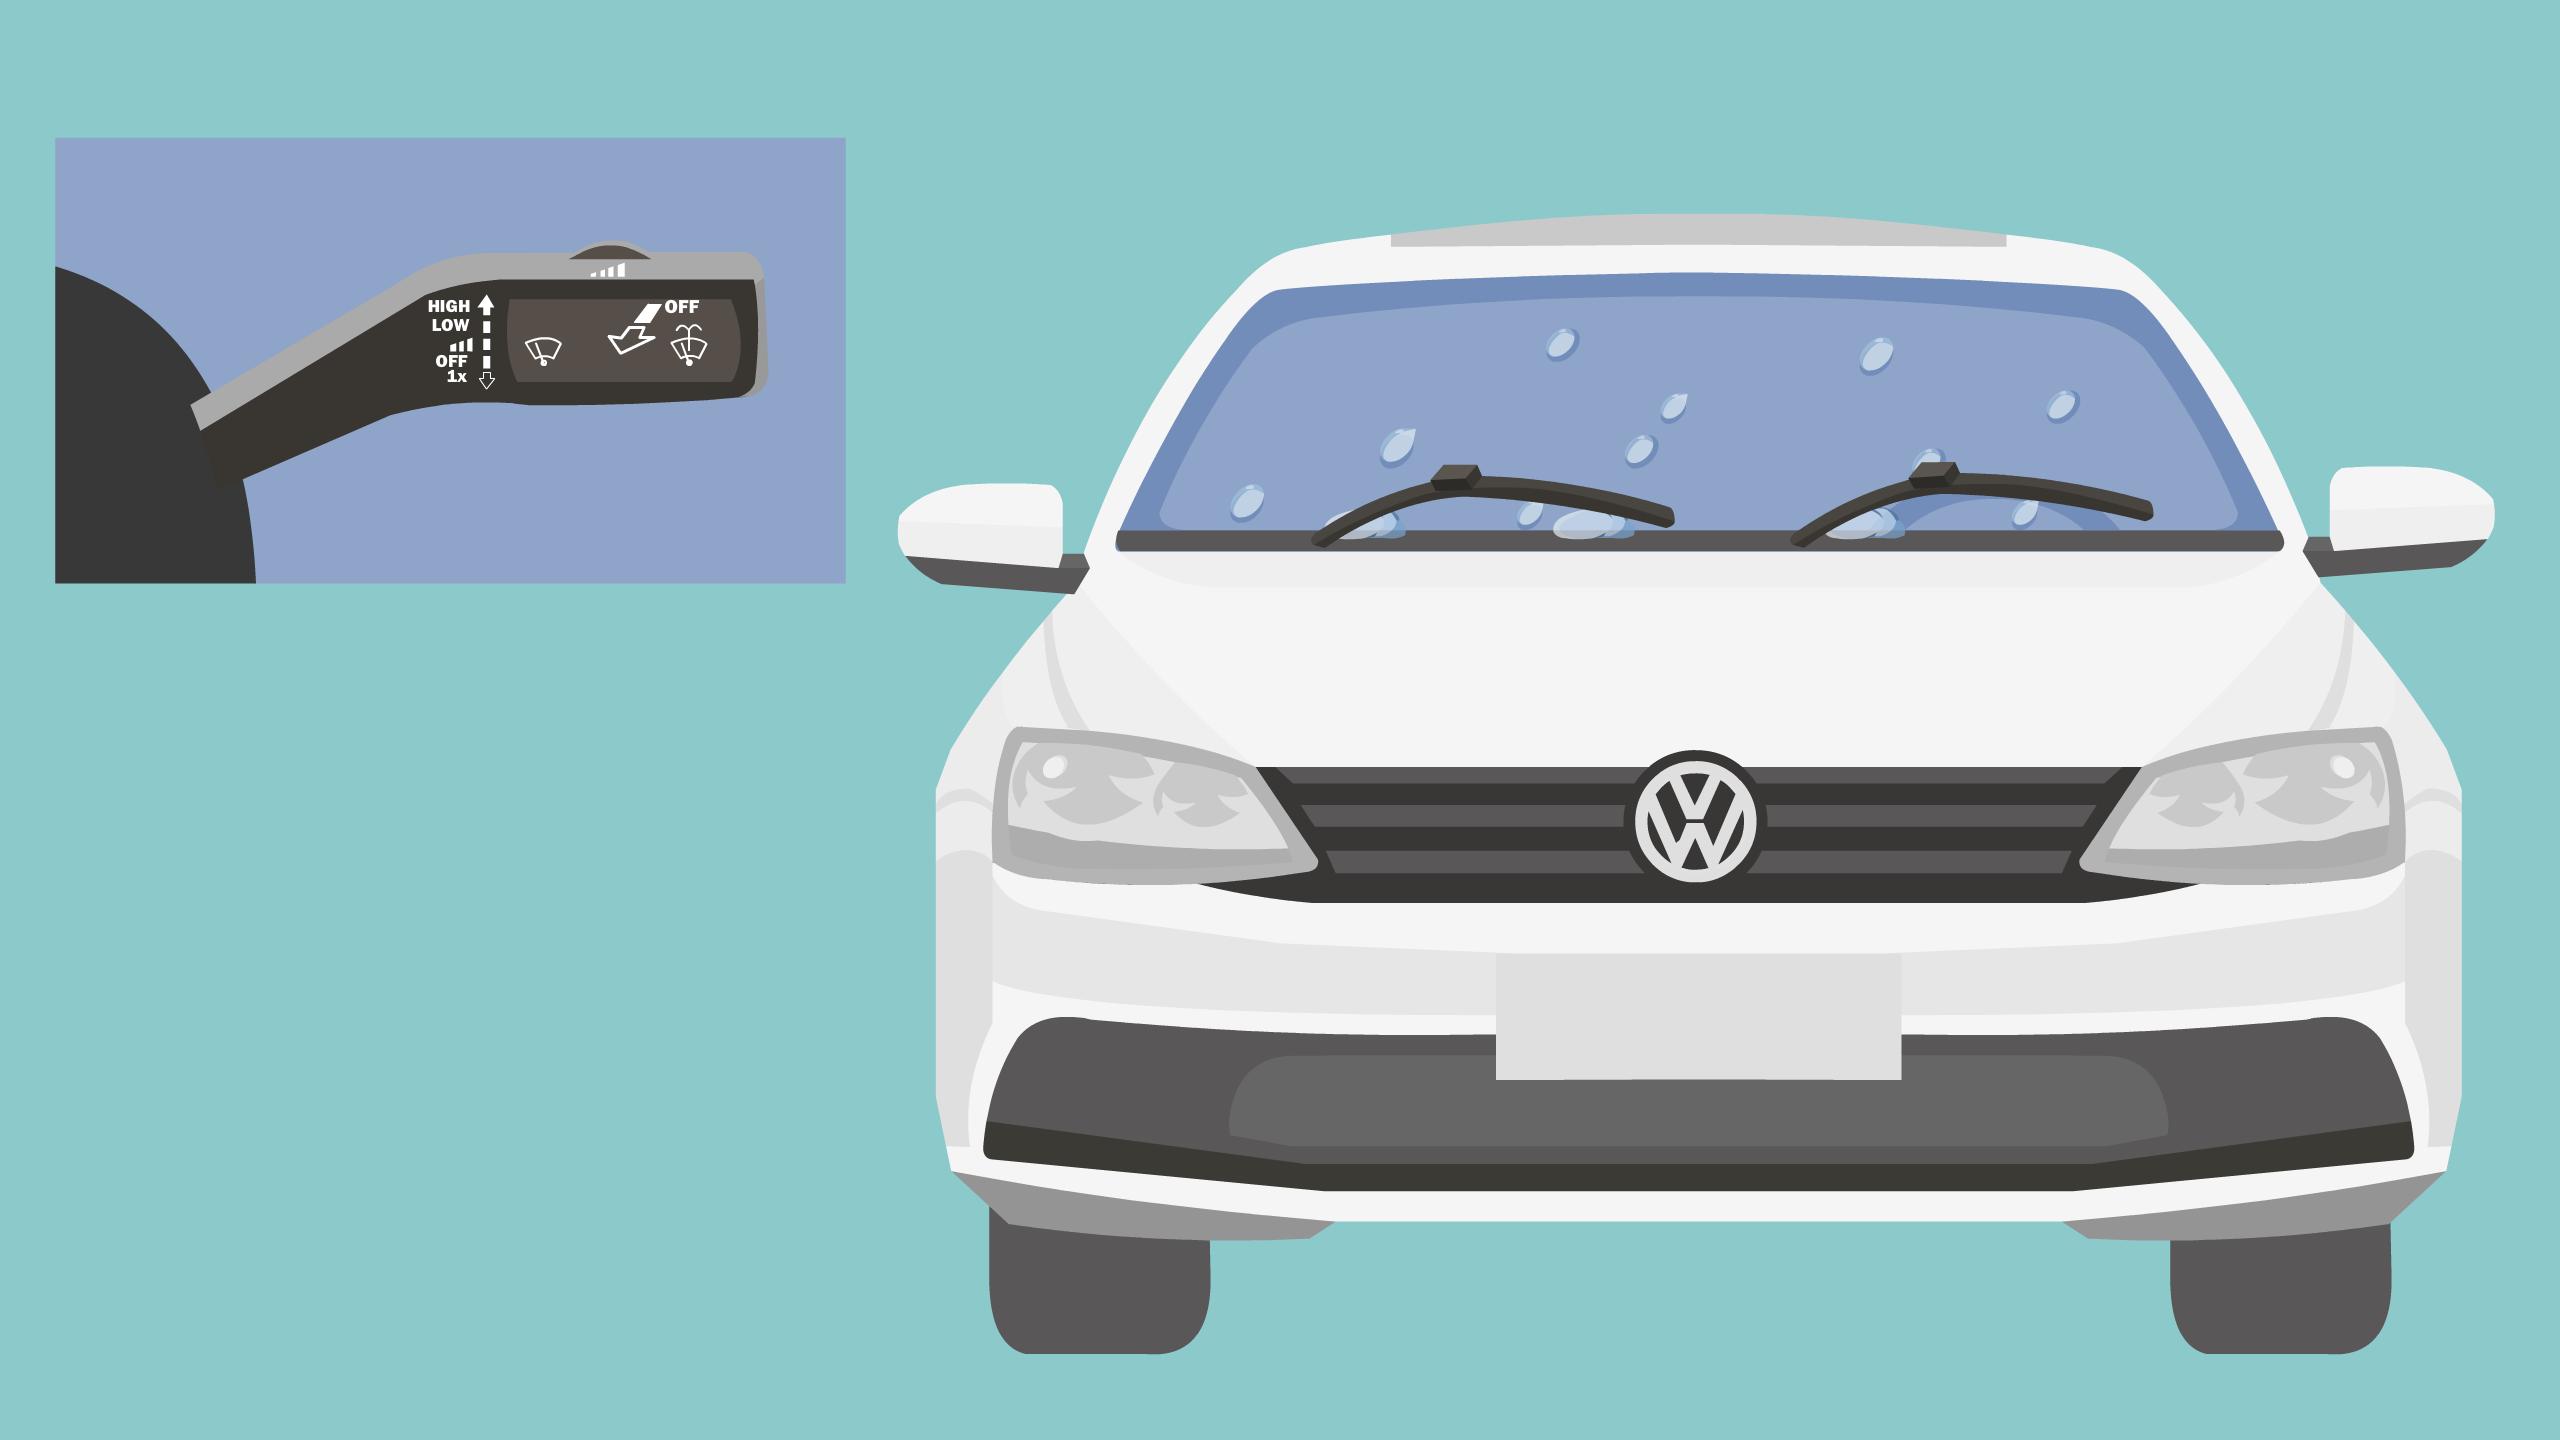 大众汽车mg广告动画《上课了我的车》